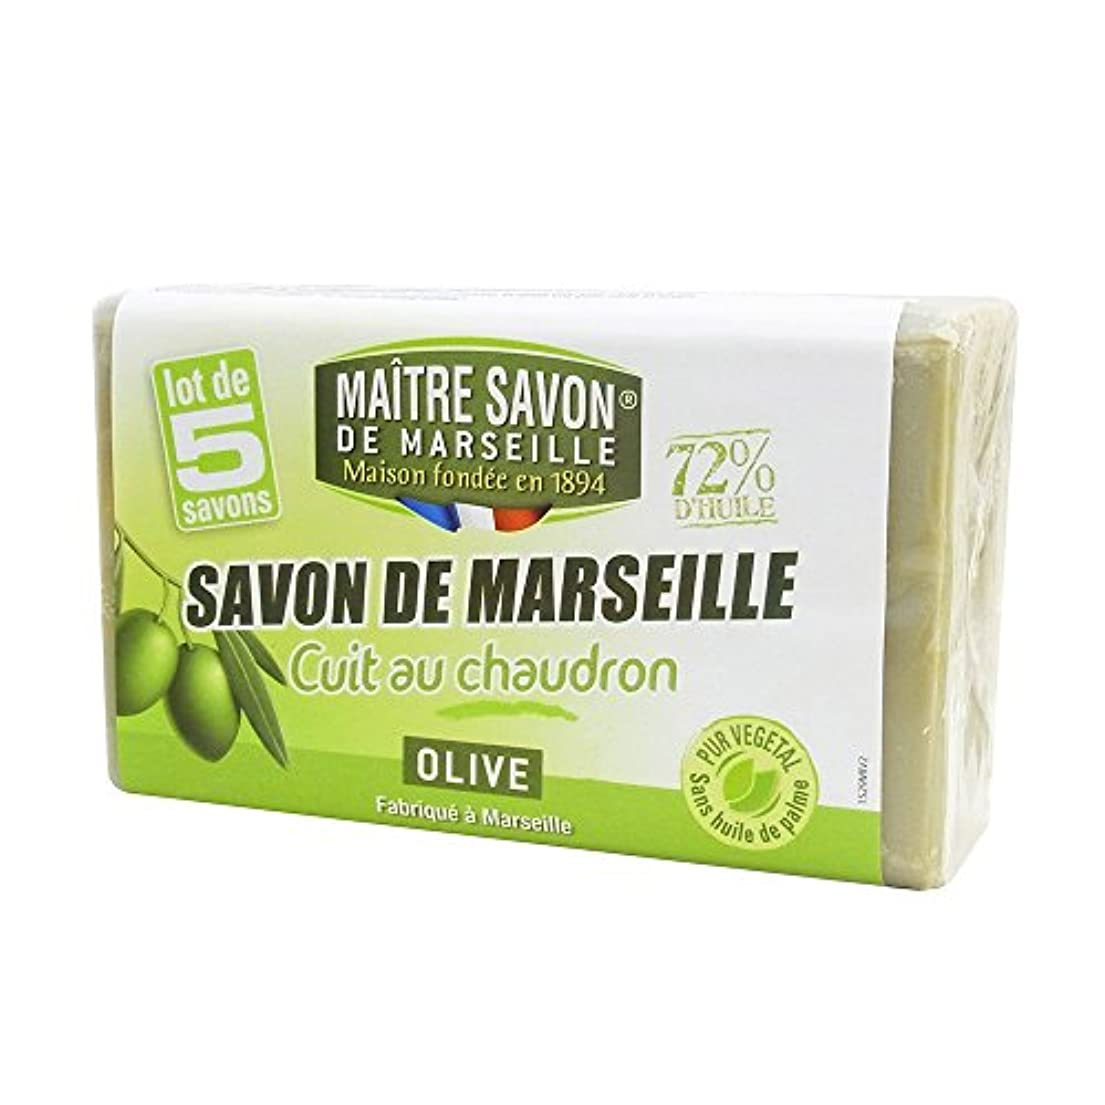 アラブ人変換するサポートMaitre Savon de Marseille(メートル?サボン?ド?マルセイユ) サボン?ド?マルセイユ オリーブ 100g×5個